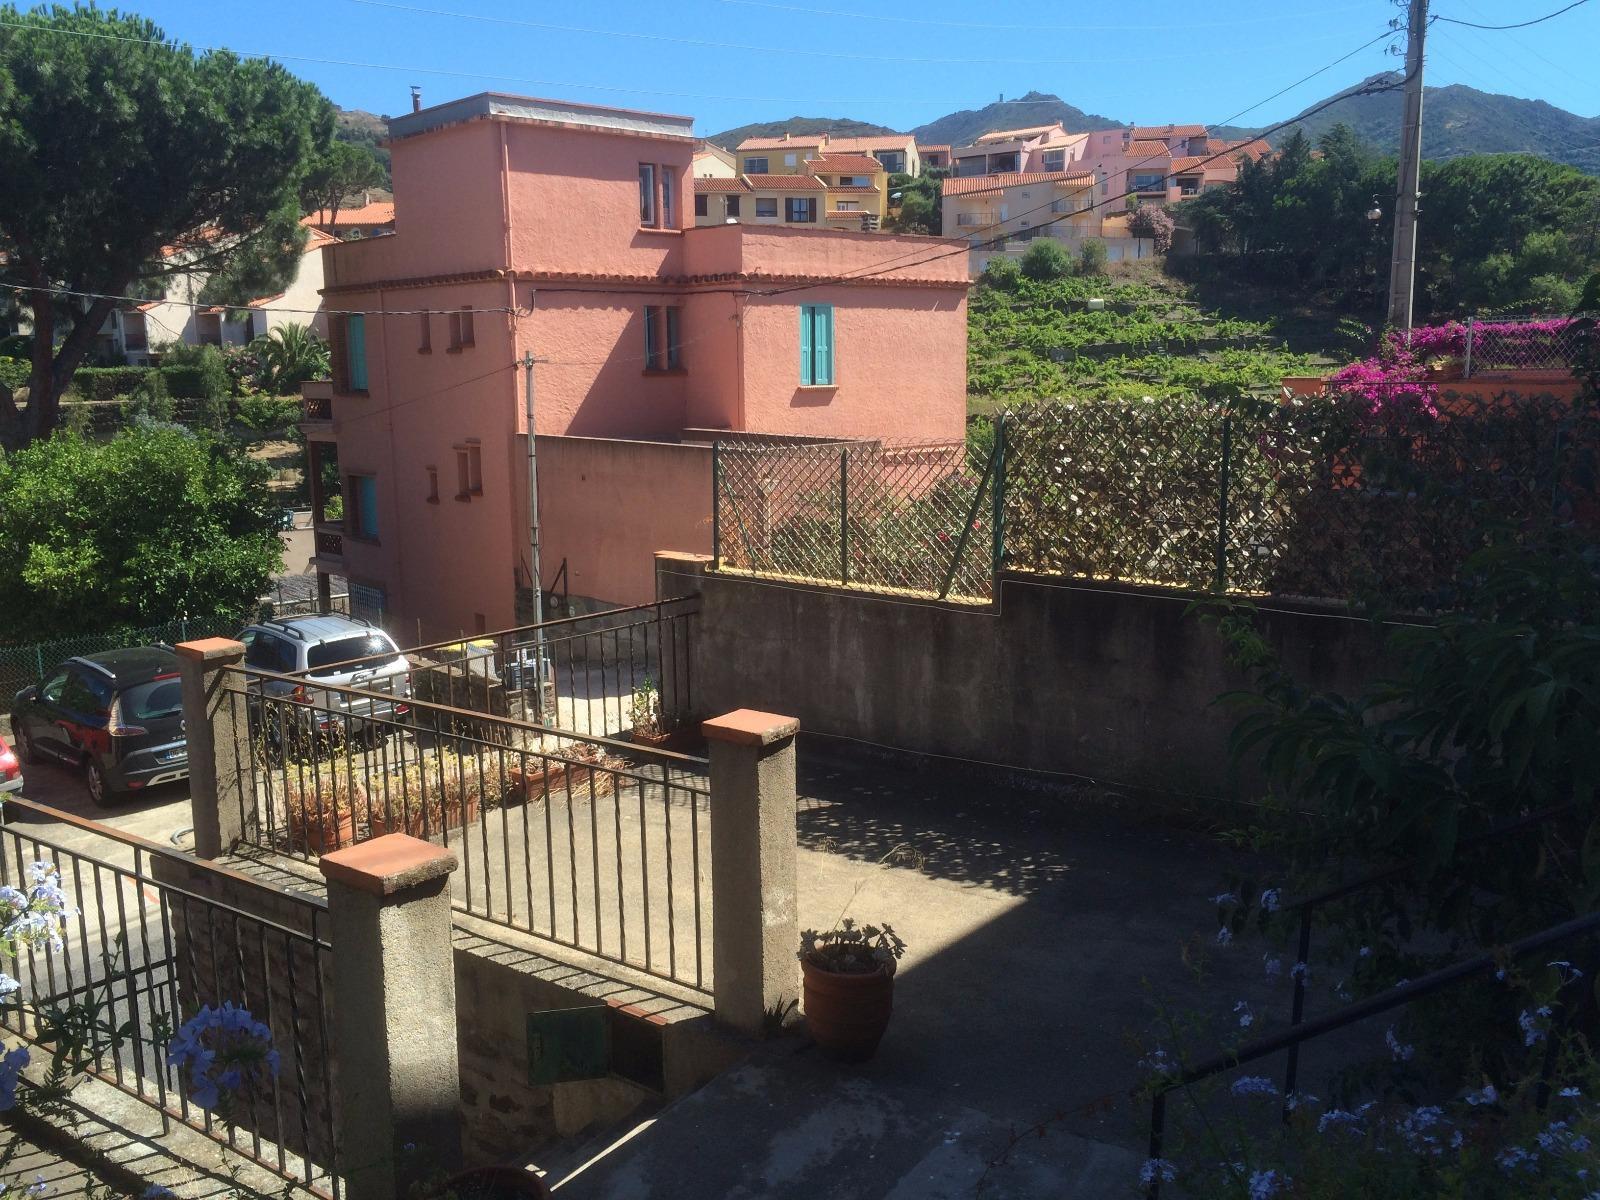 Vente villa maison appartement collioure avec agence py for Acheter maison collioure